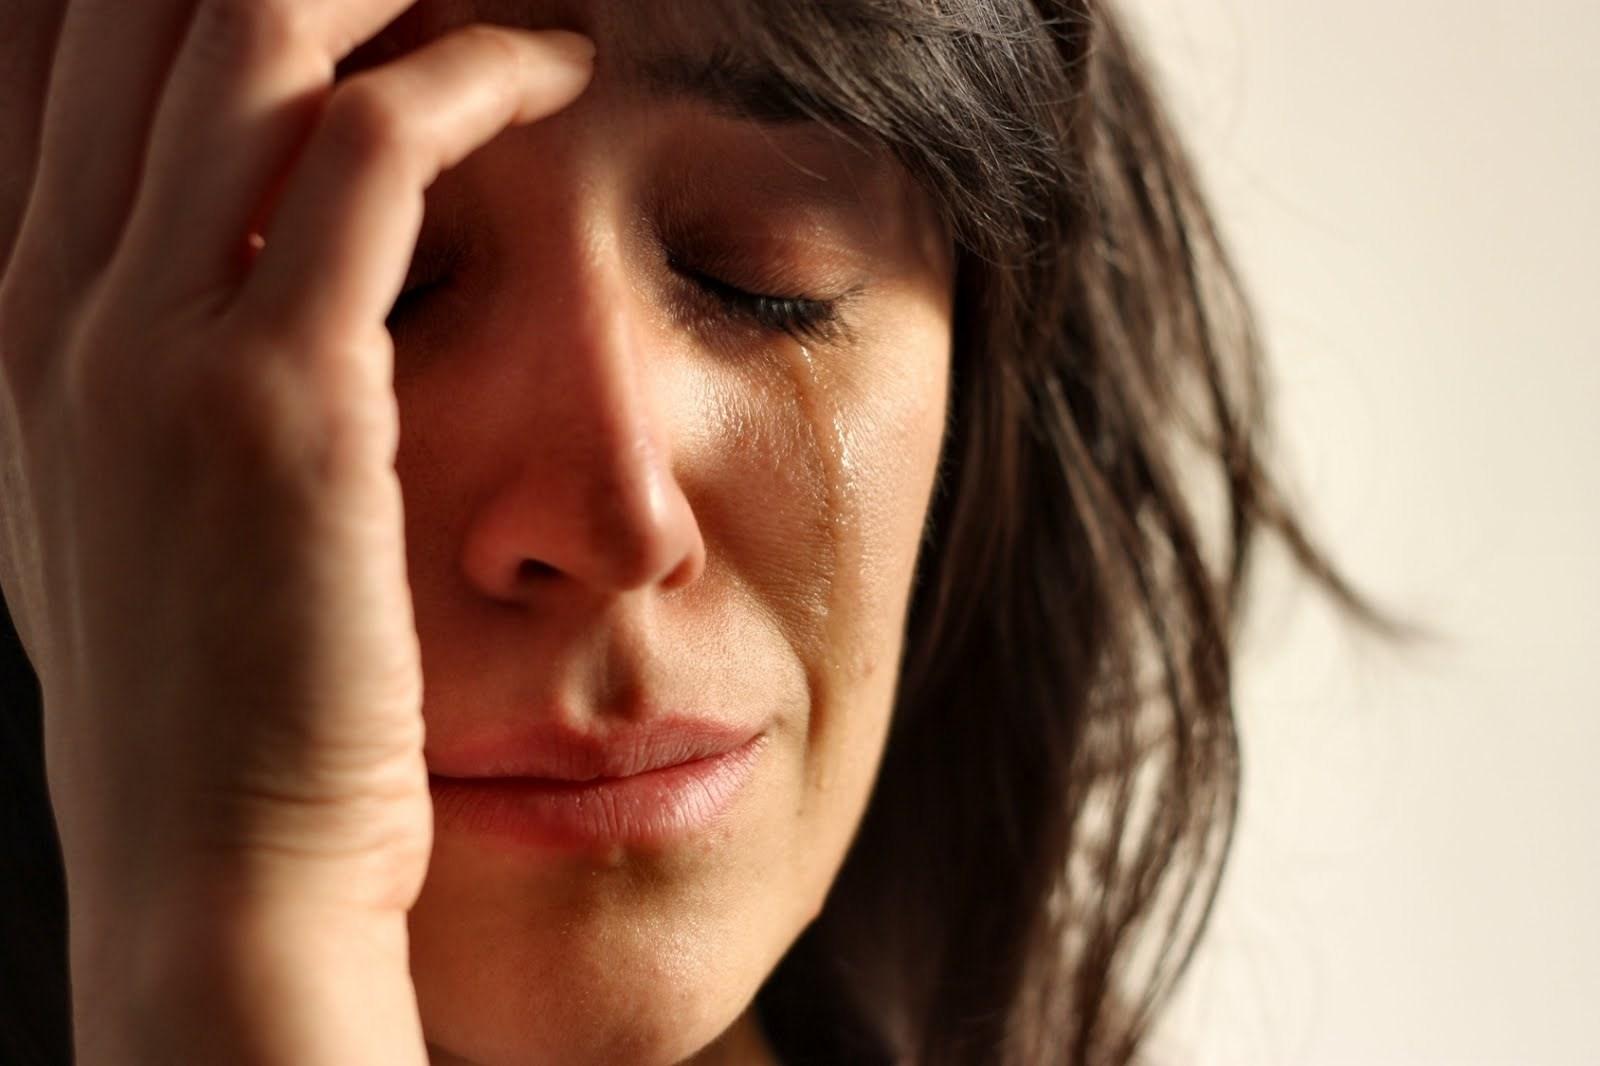 Трахнул в попку до слез, Красивая крошка до слёз затрахана в попку 21 фотография